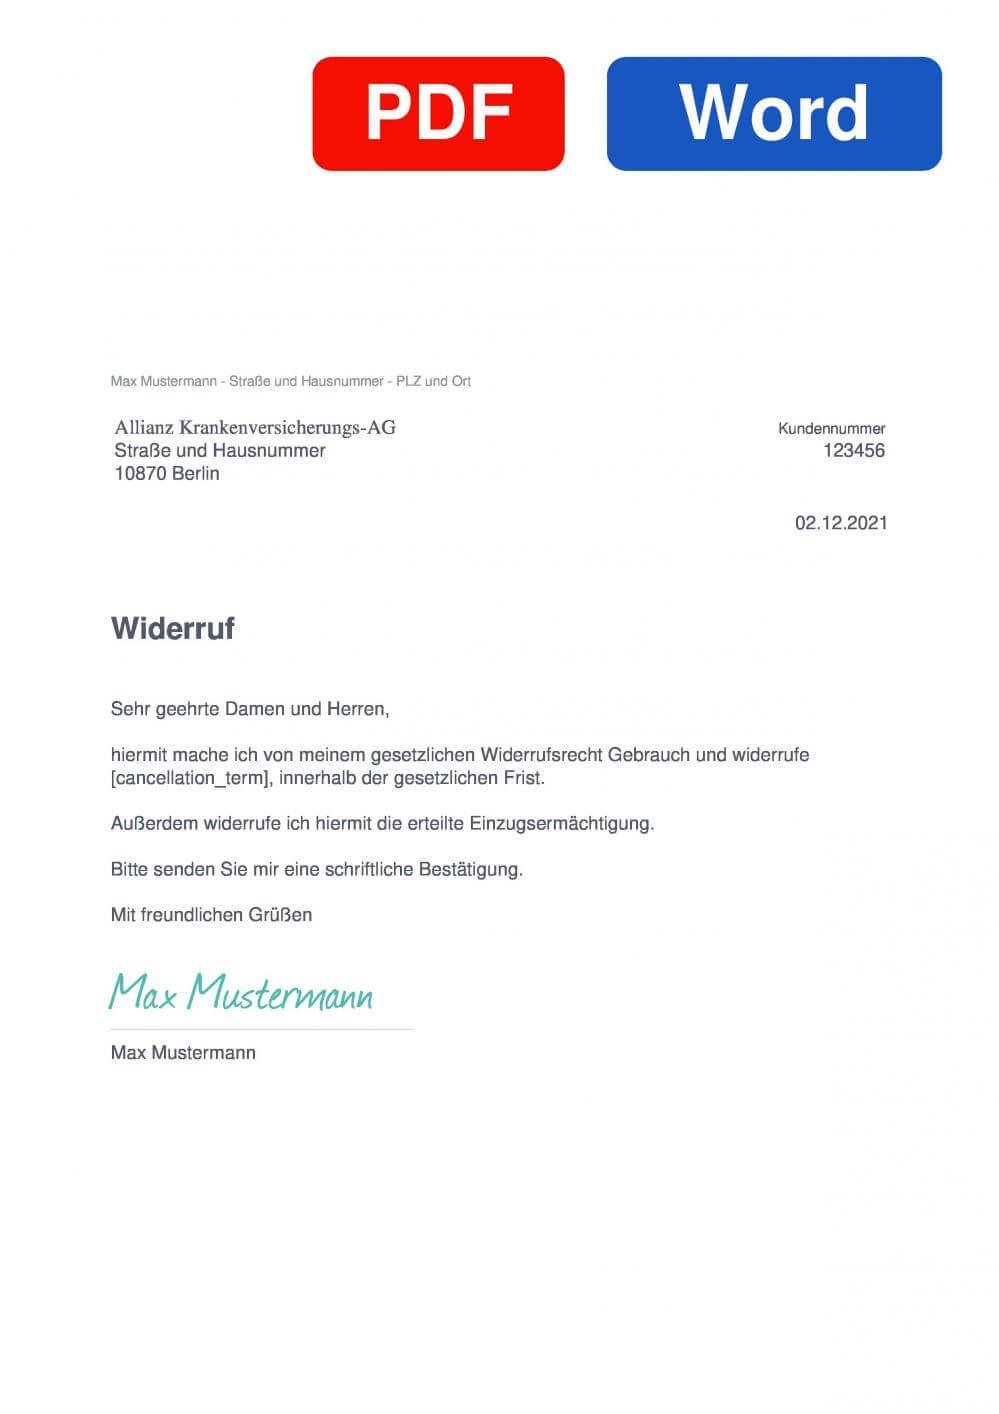 Allianz Krankenversicherung Muster Vorlage für Wiederrufsschreiben